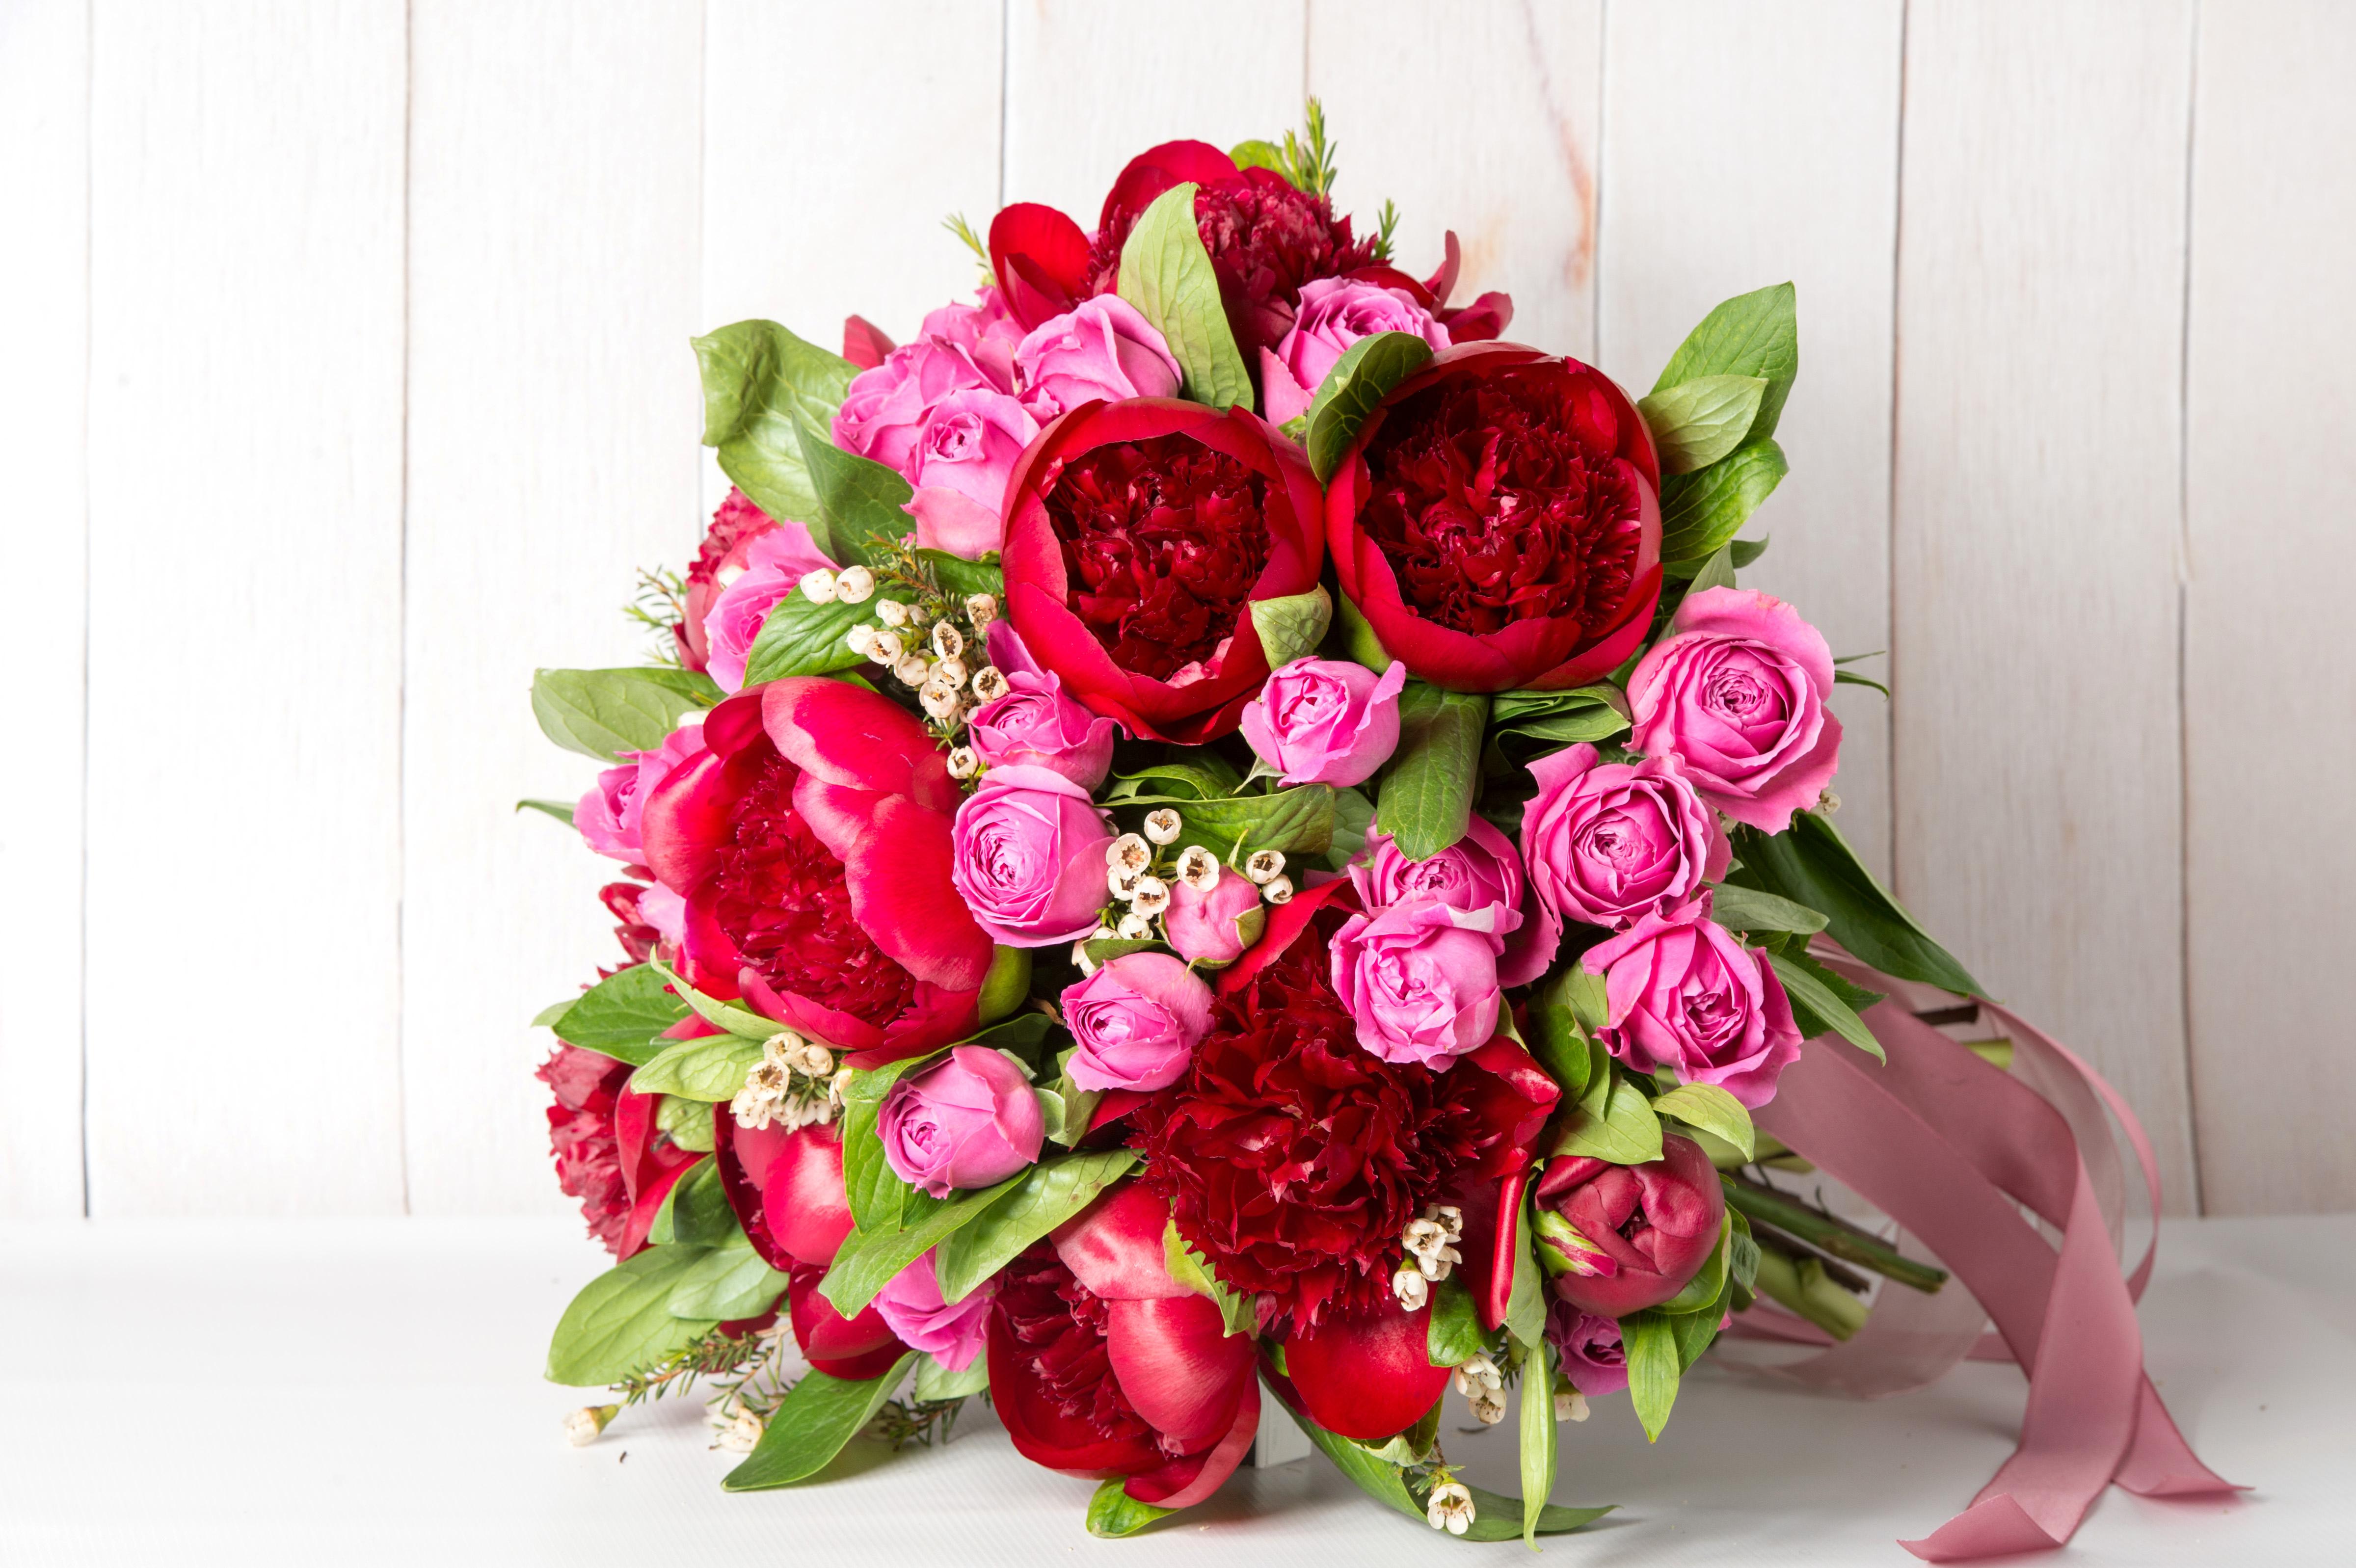 красивые картинки с букетами из красных цветов спальной